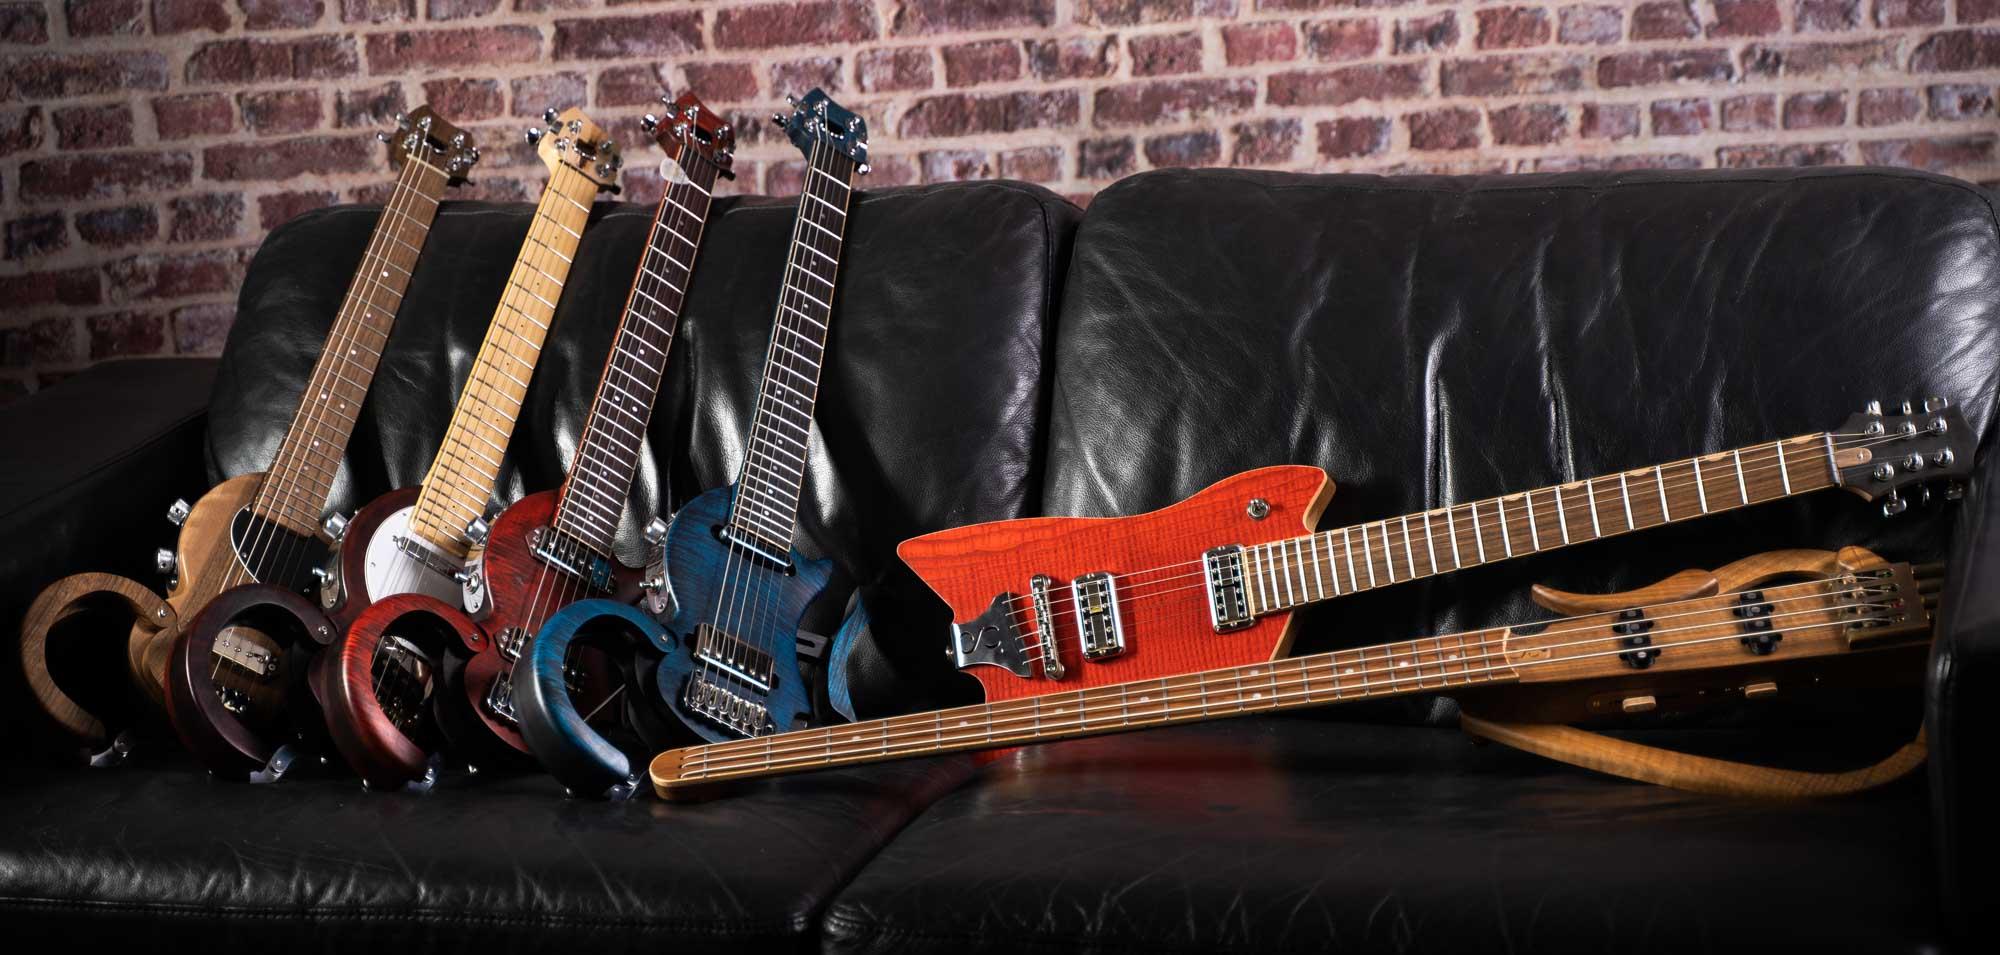 guitares de voyage